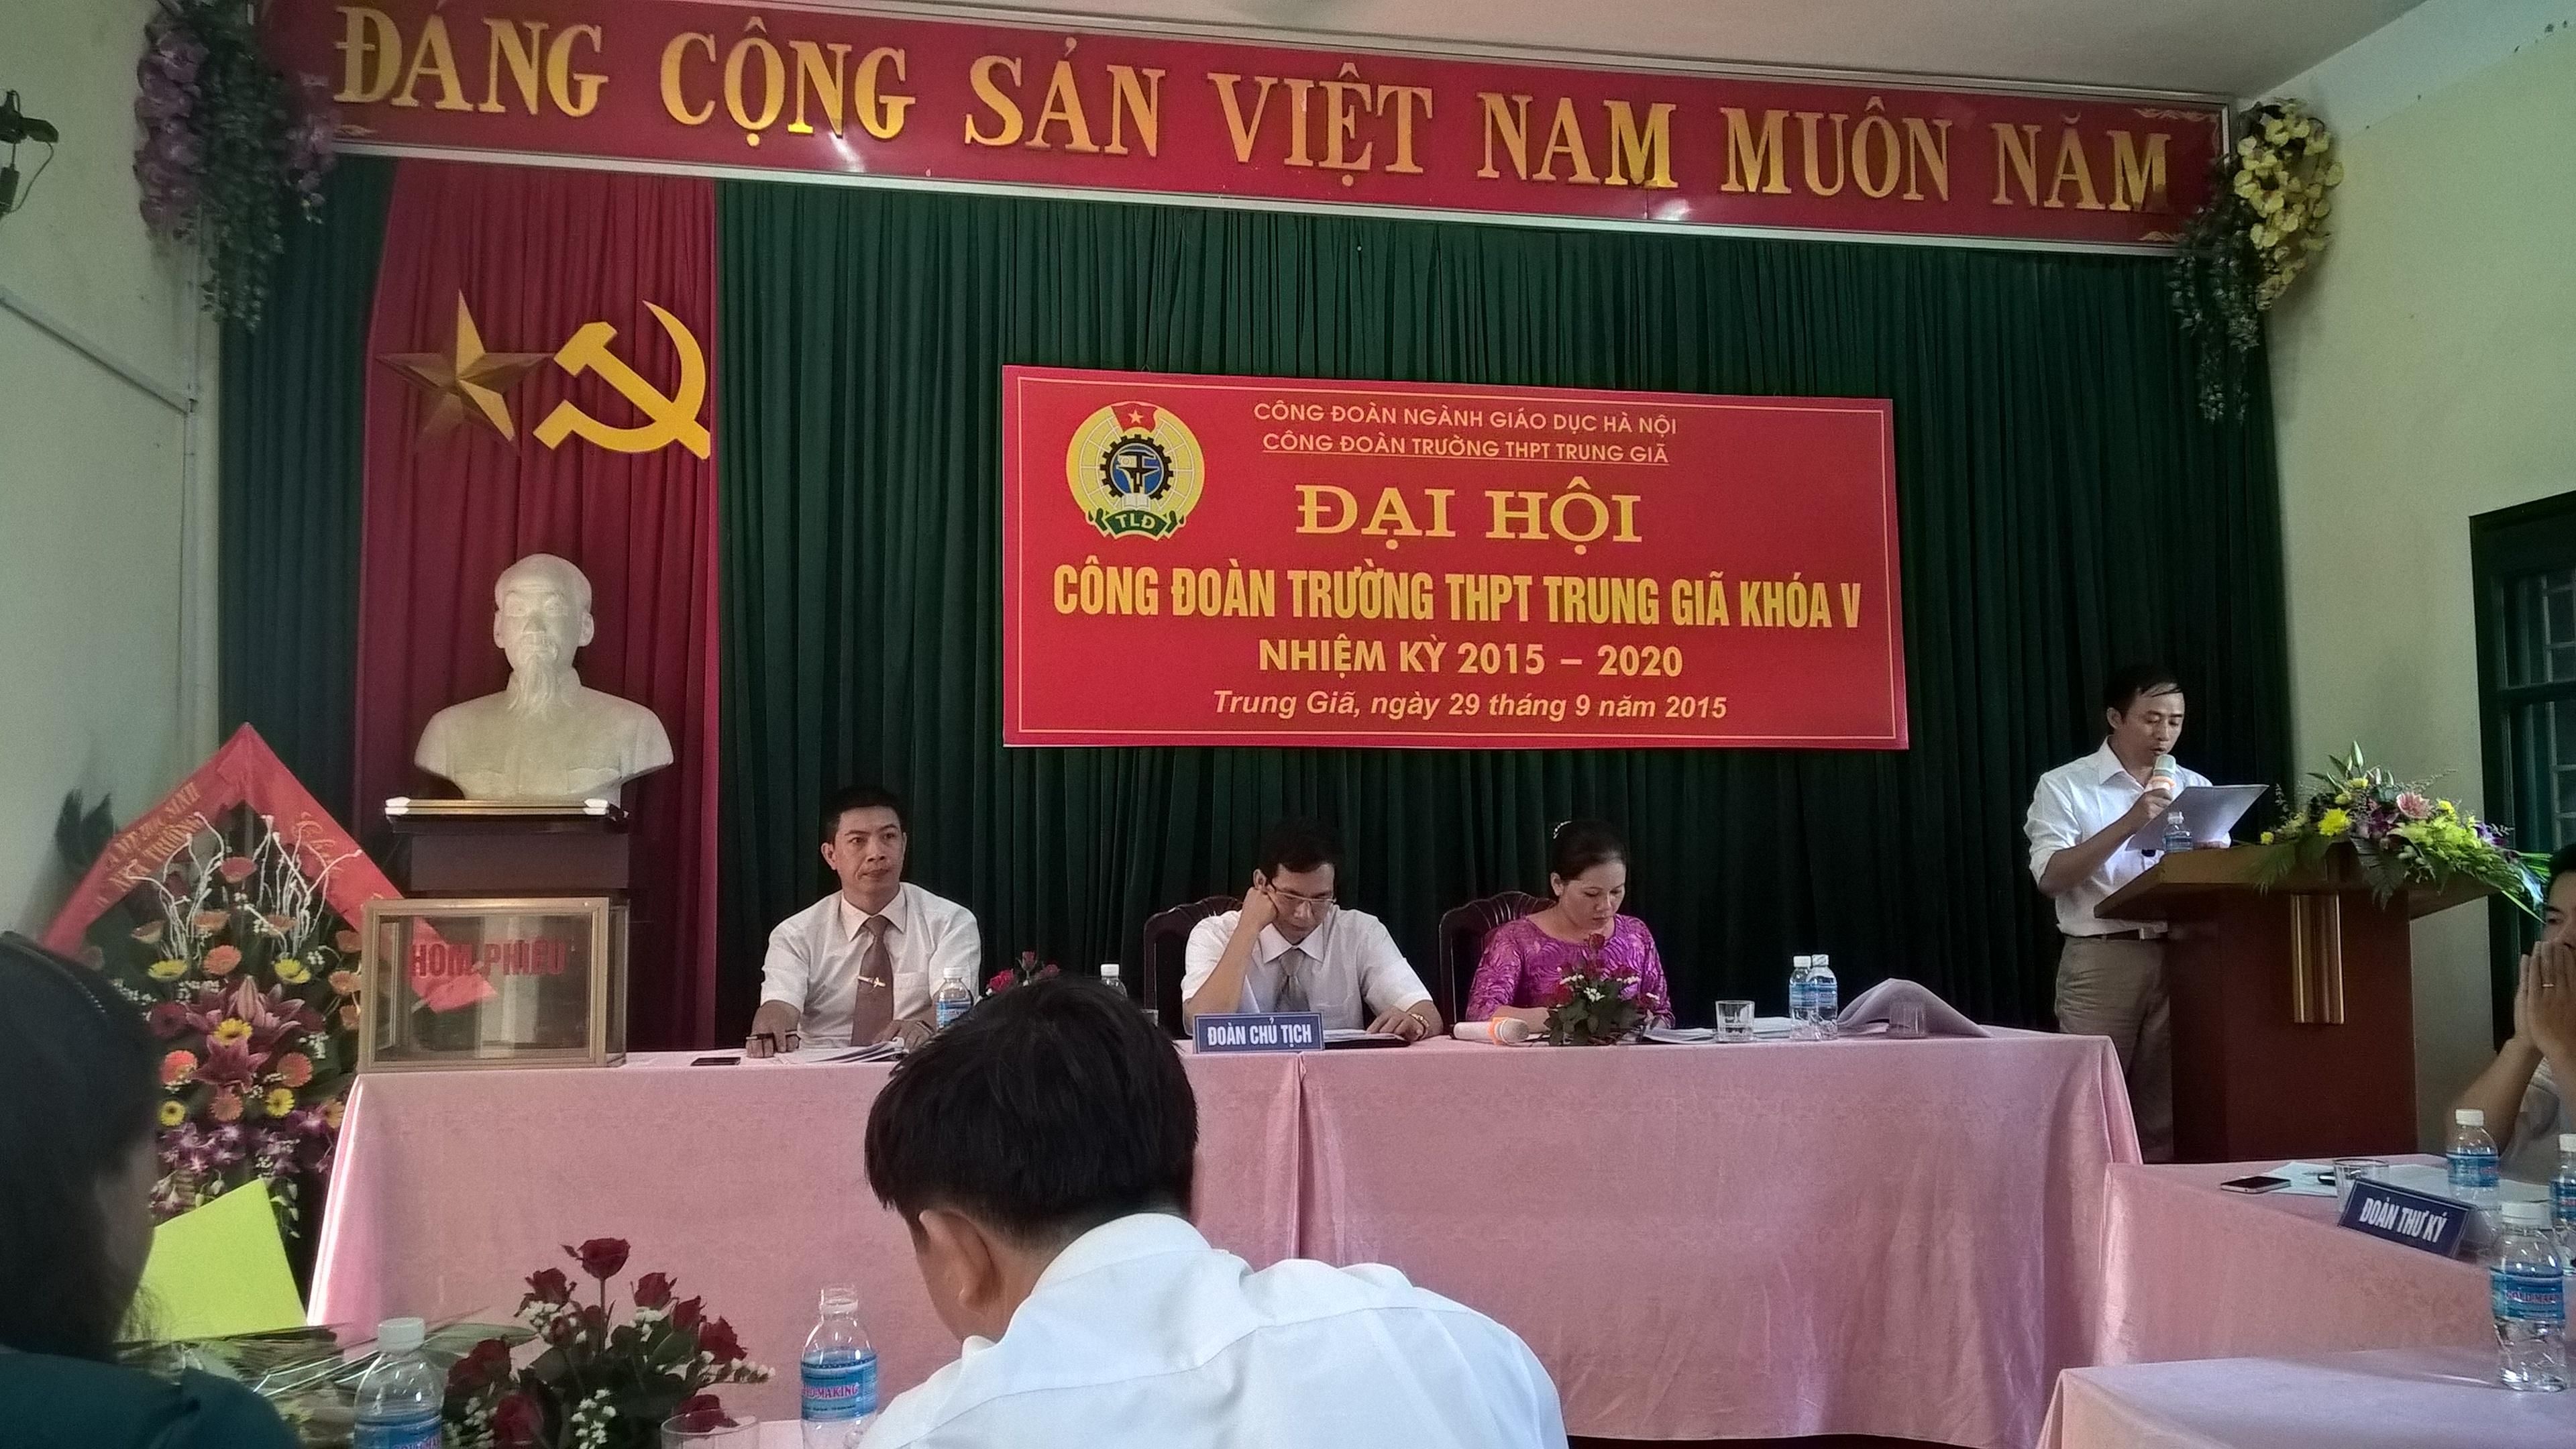 đại hội công đoàn 2015